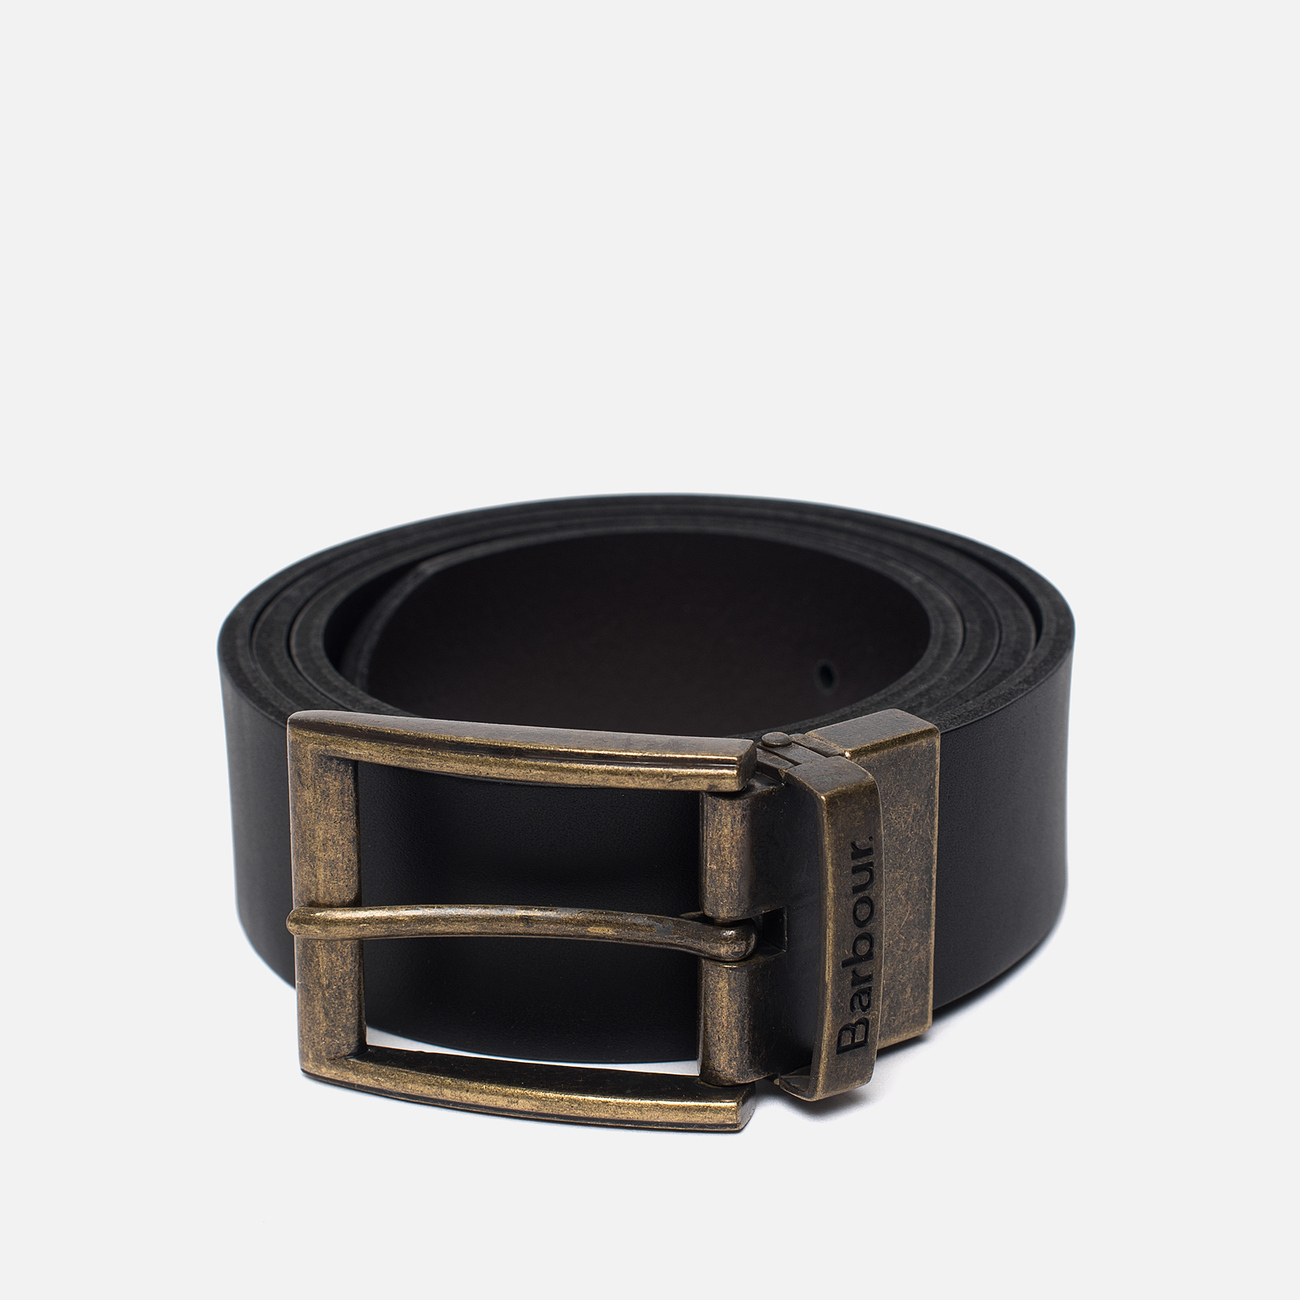 Ремень Barbour Reversible Leather Gift Box Black